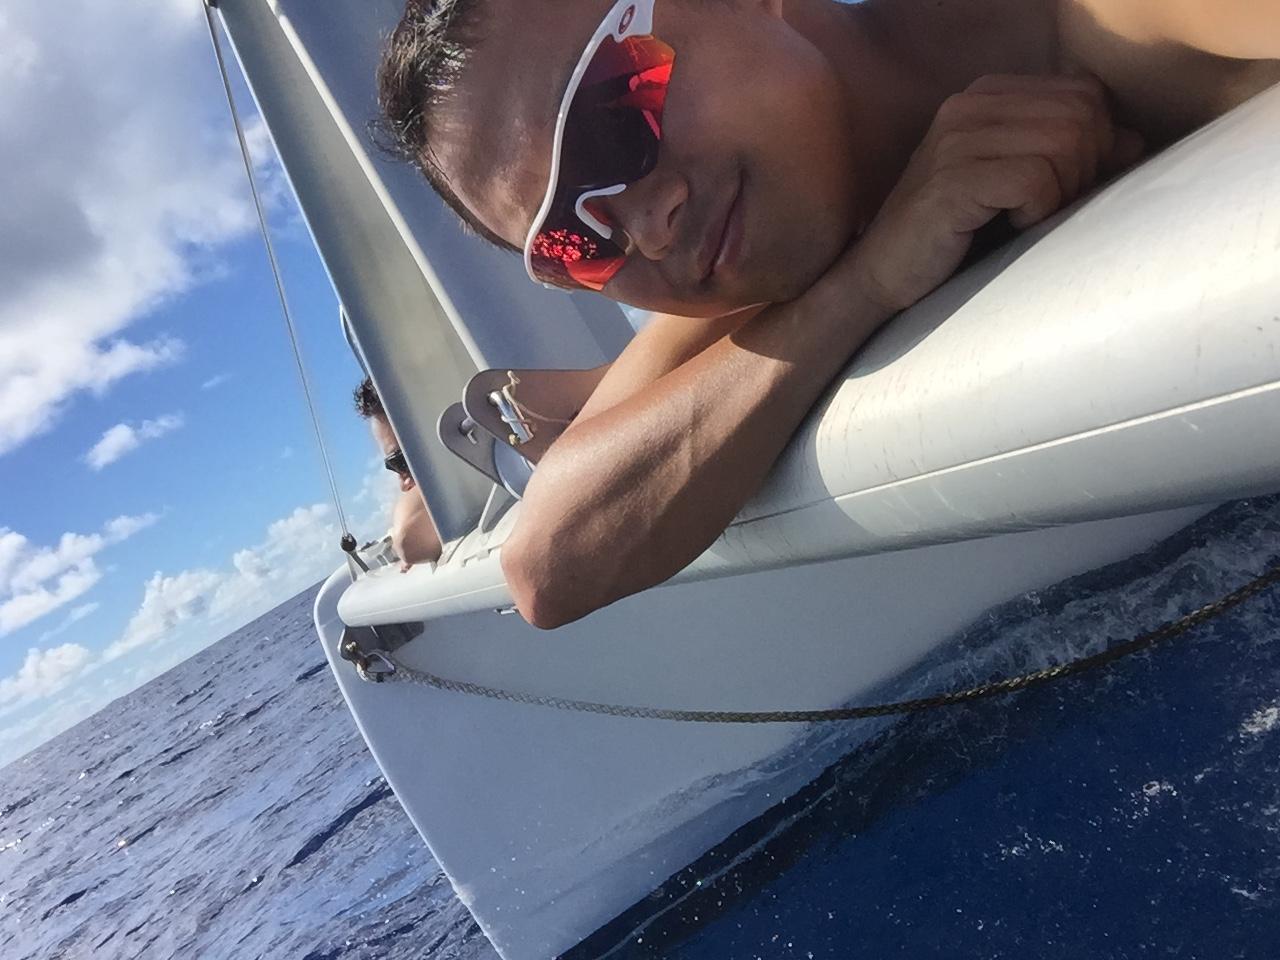 塞舌尔群岛,招募书,帆船,自驾 寻找世界最干净的海水(自驾双体大帆船畅游塞舌尔群岛第二季)招募书[塞舌尔] a1579.JPG